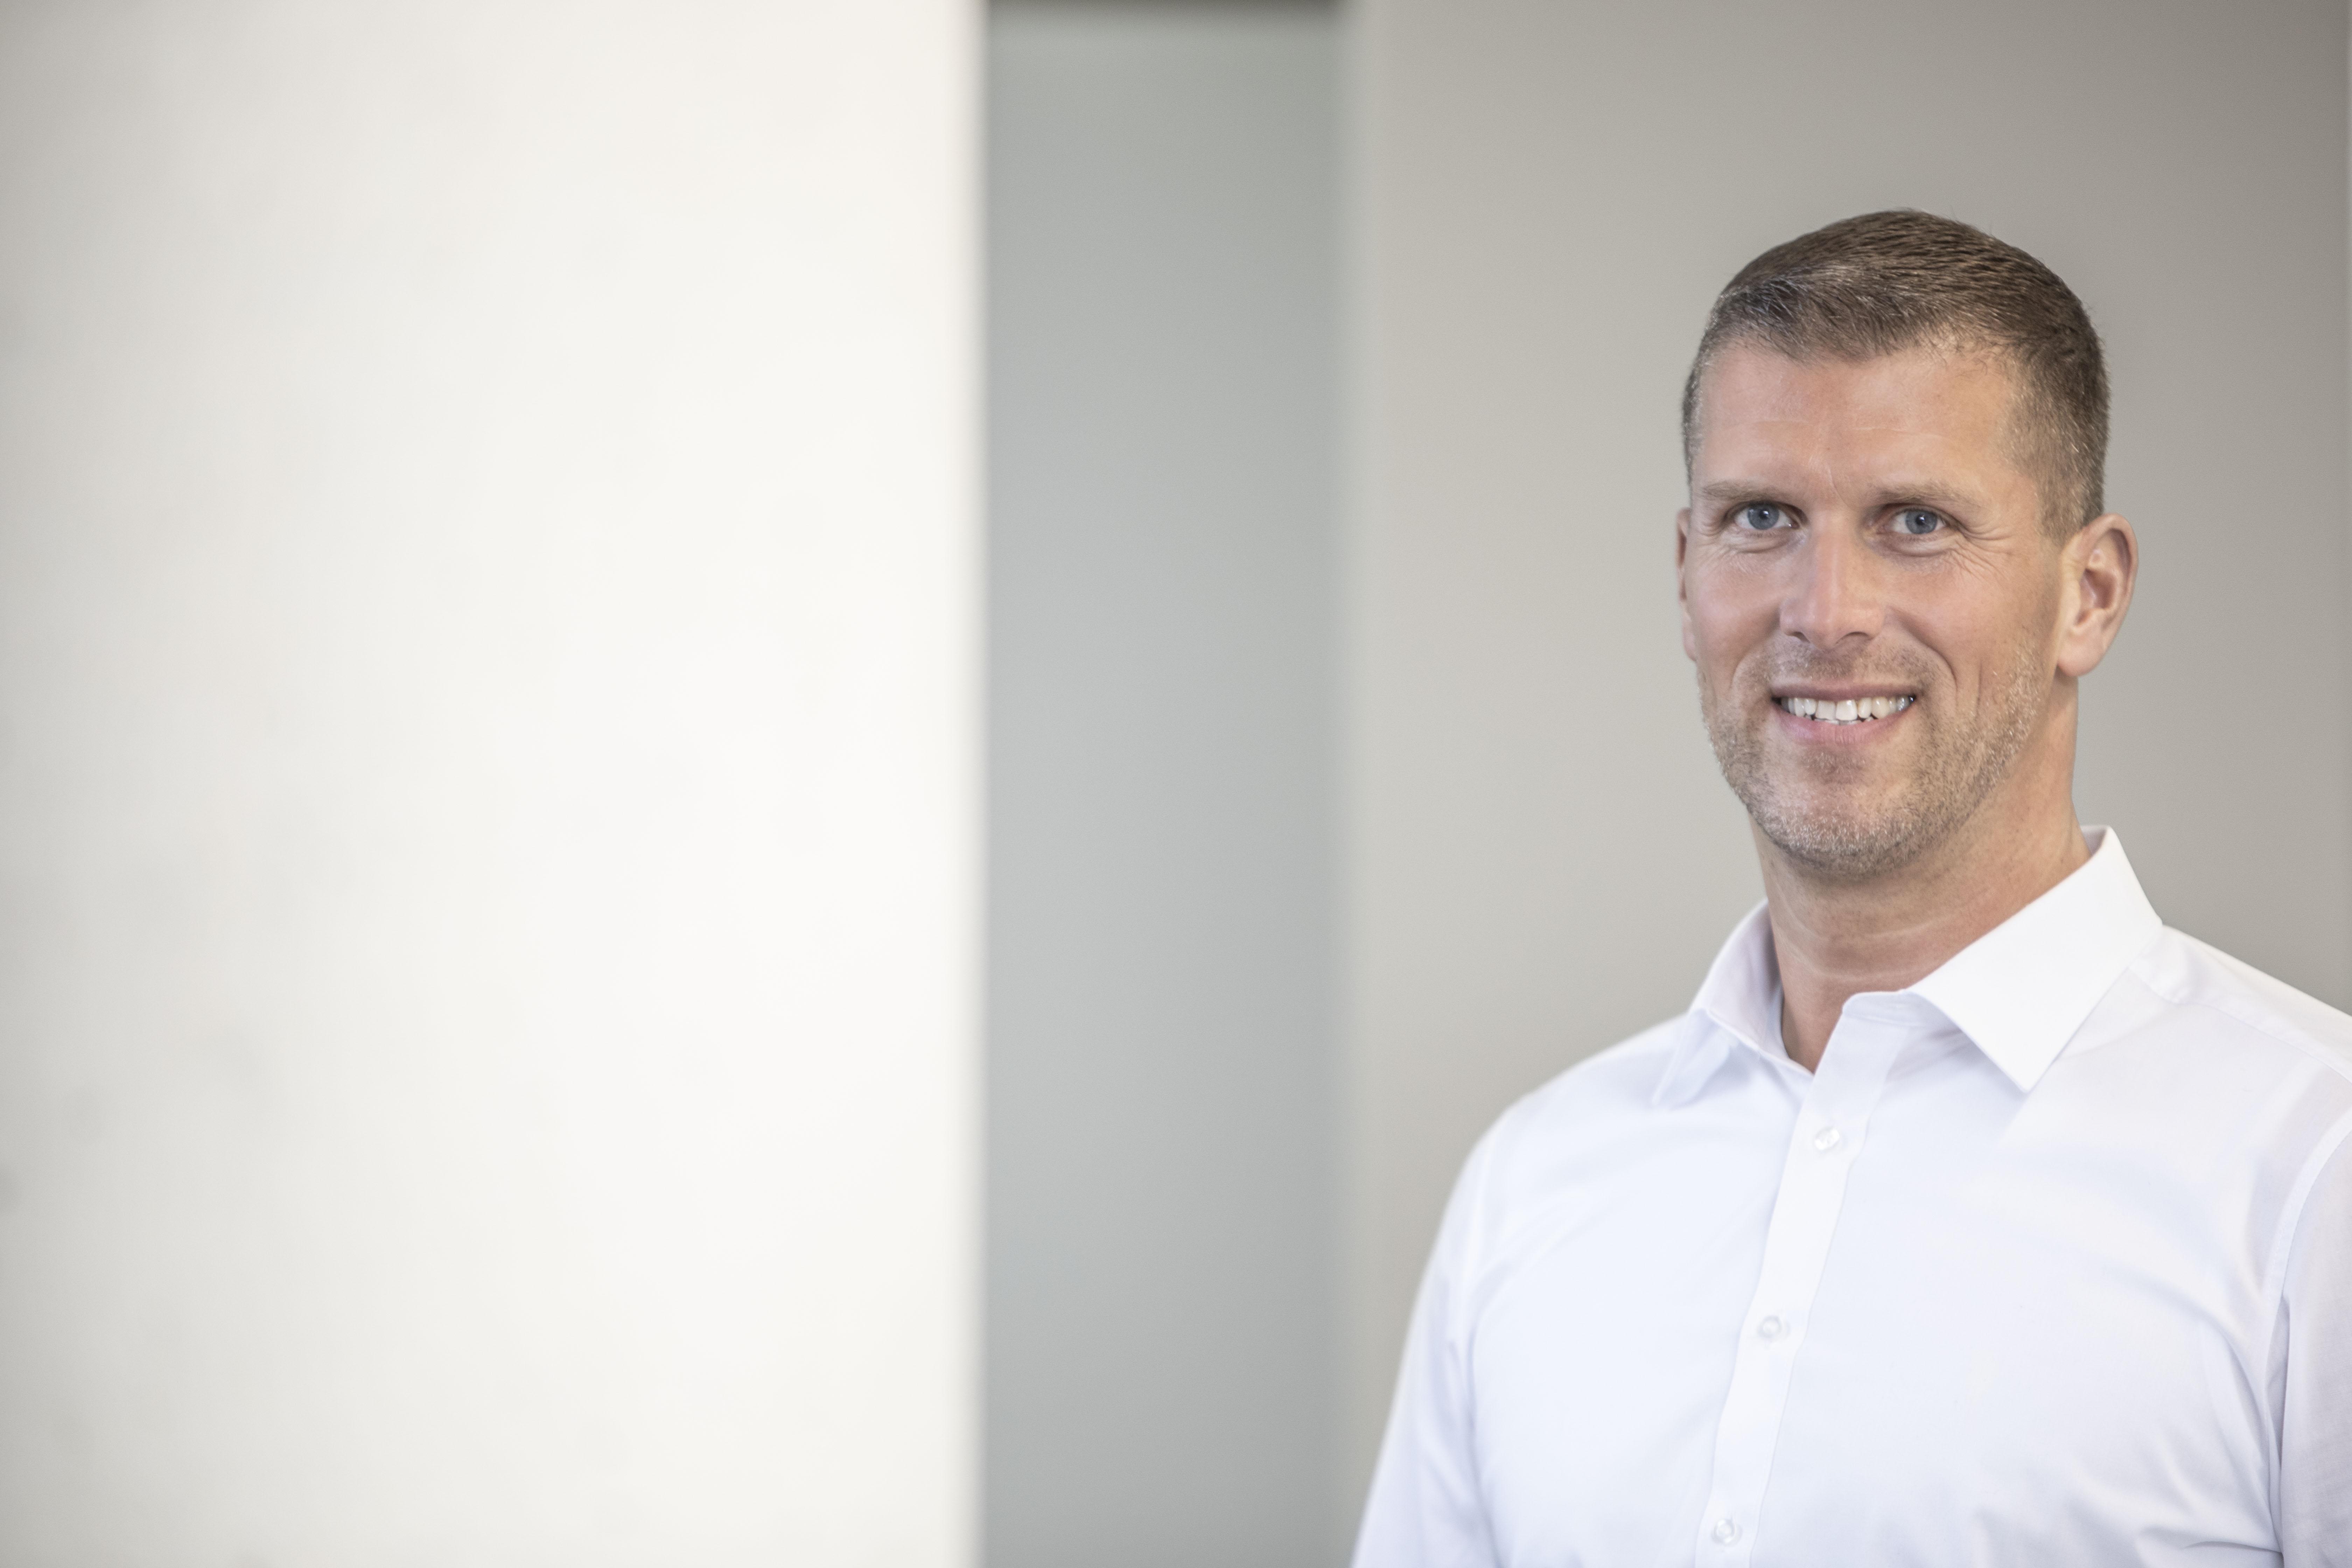 Marc Eislechner, Vertrieb Baden-Württemberg bei Ernst Wirth